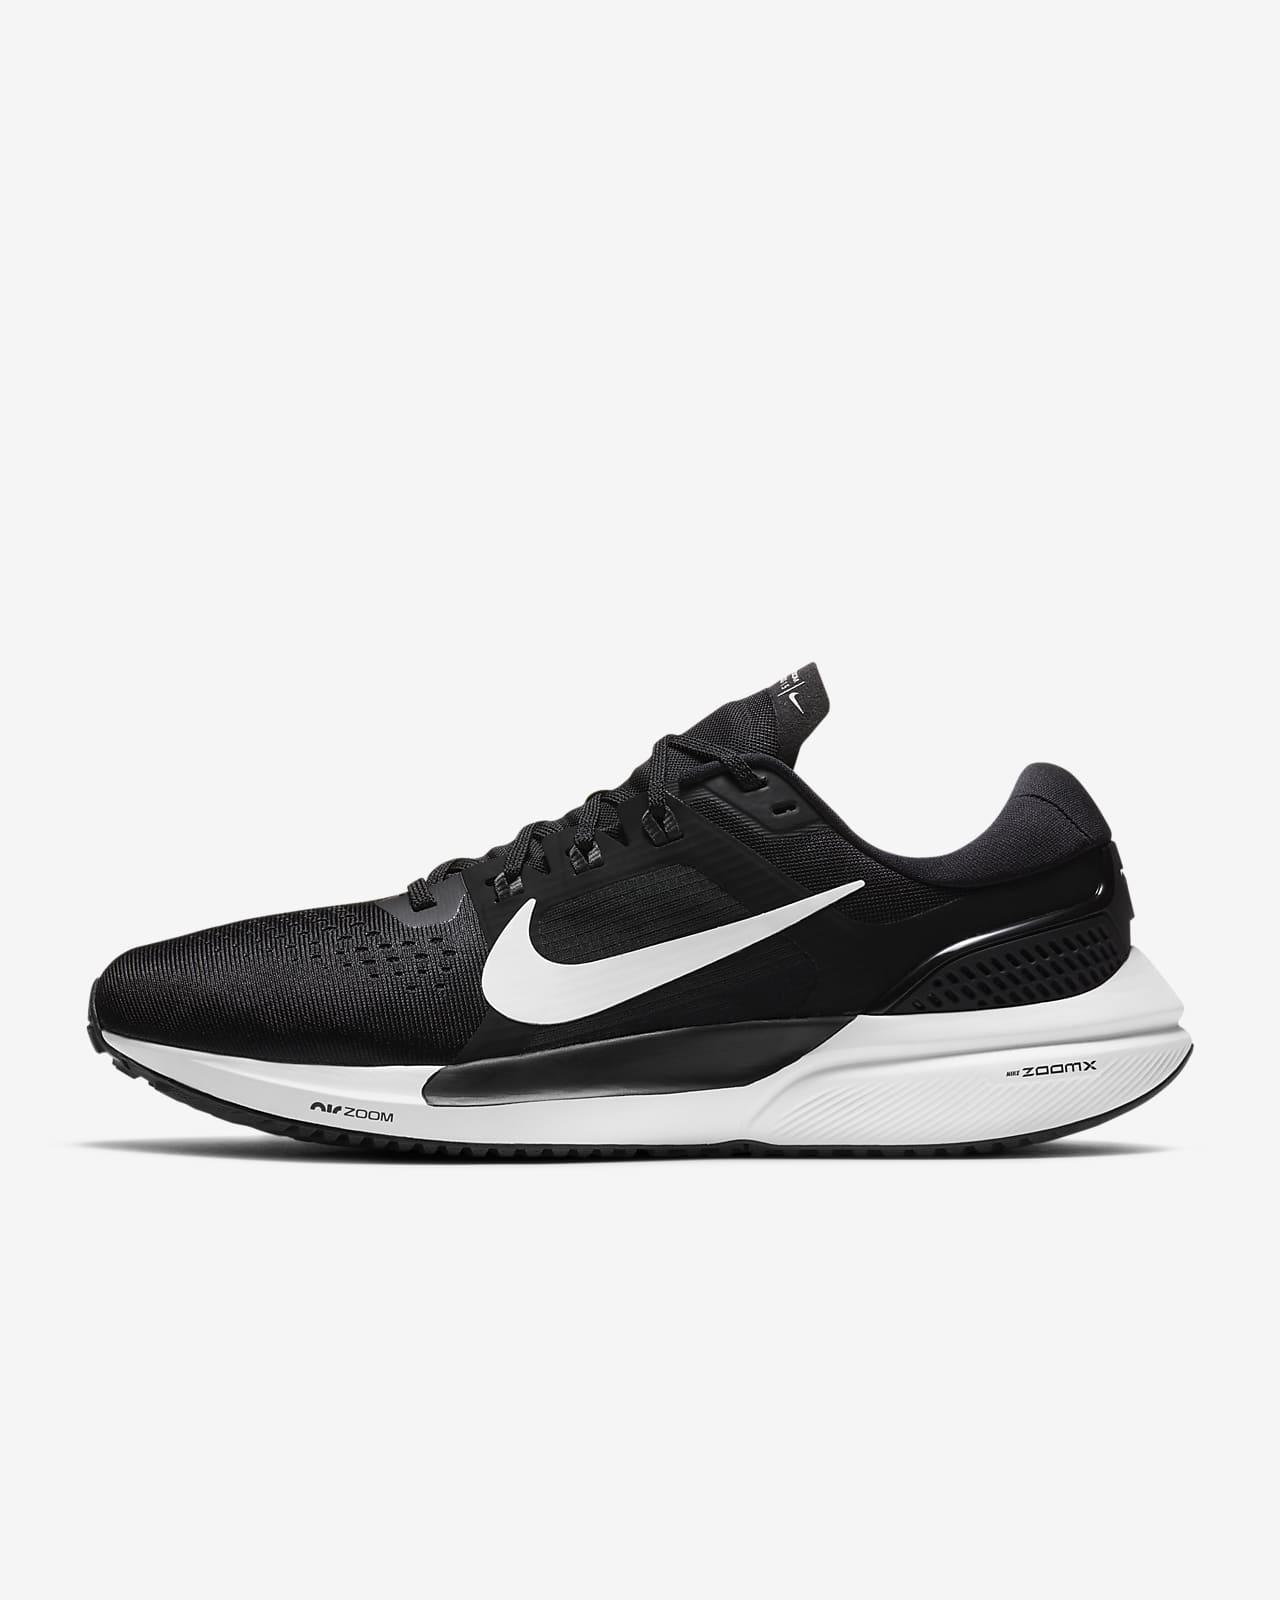 Nike Air Zoom Vomero 15 Men's Running Shoe